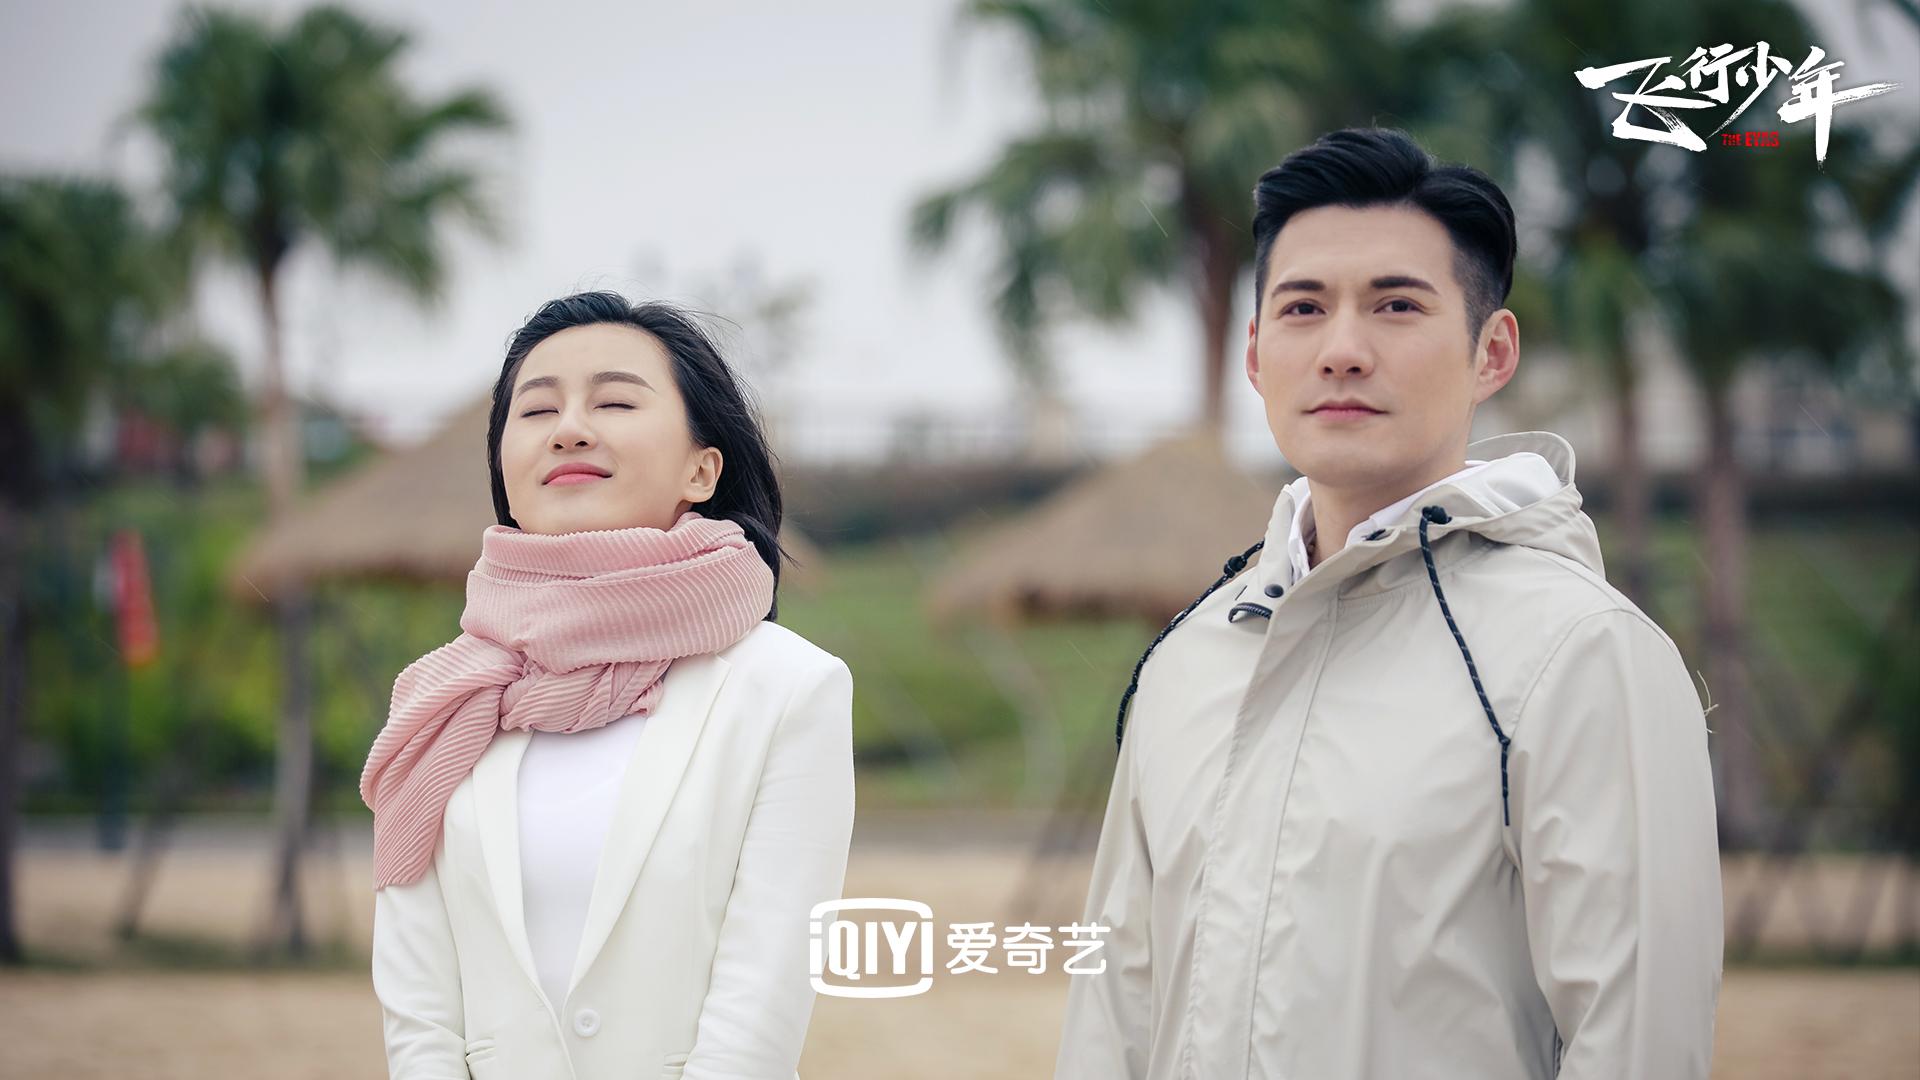 《飞行少年》发布情感预告范世�W演绎航校青春